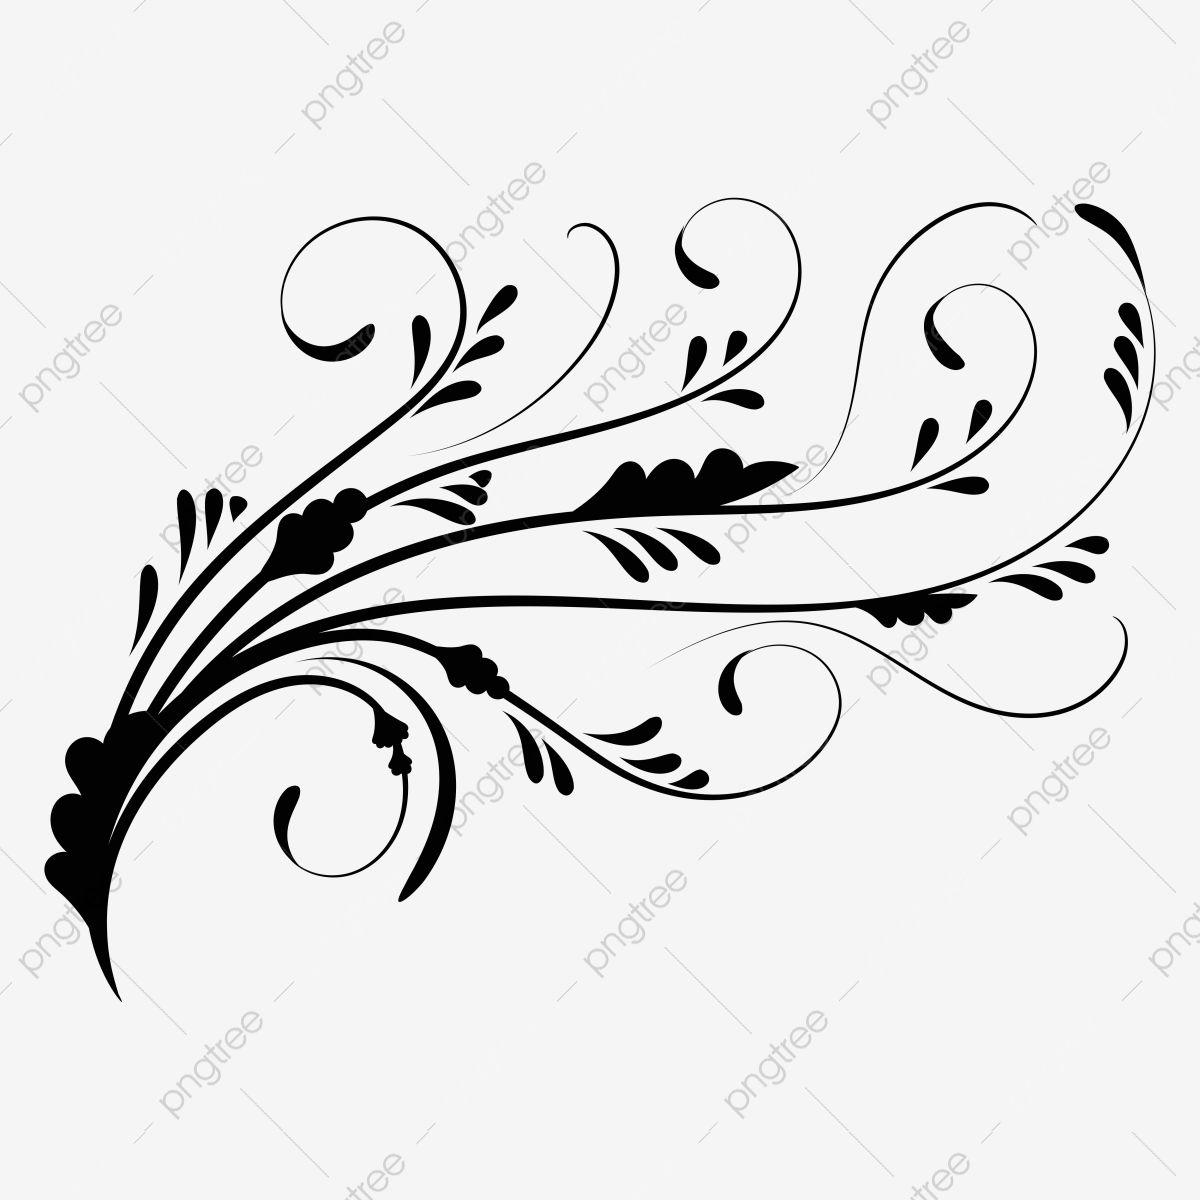 Gambar Hiasan Bunga Dekorasi Vintage Putar Clipart Dekorasi Bunga Ornamen Dekorasi Png Dan Vektor Dengan Latar Belakang Transparan Untuk Unduh Gratis In 2021 Floral Wreaths Illustration Floral Ornaments Floral Vector Png